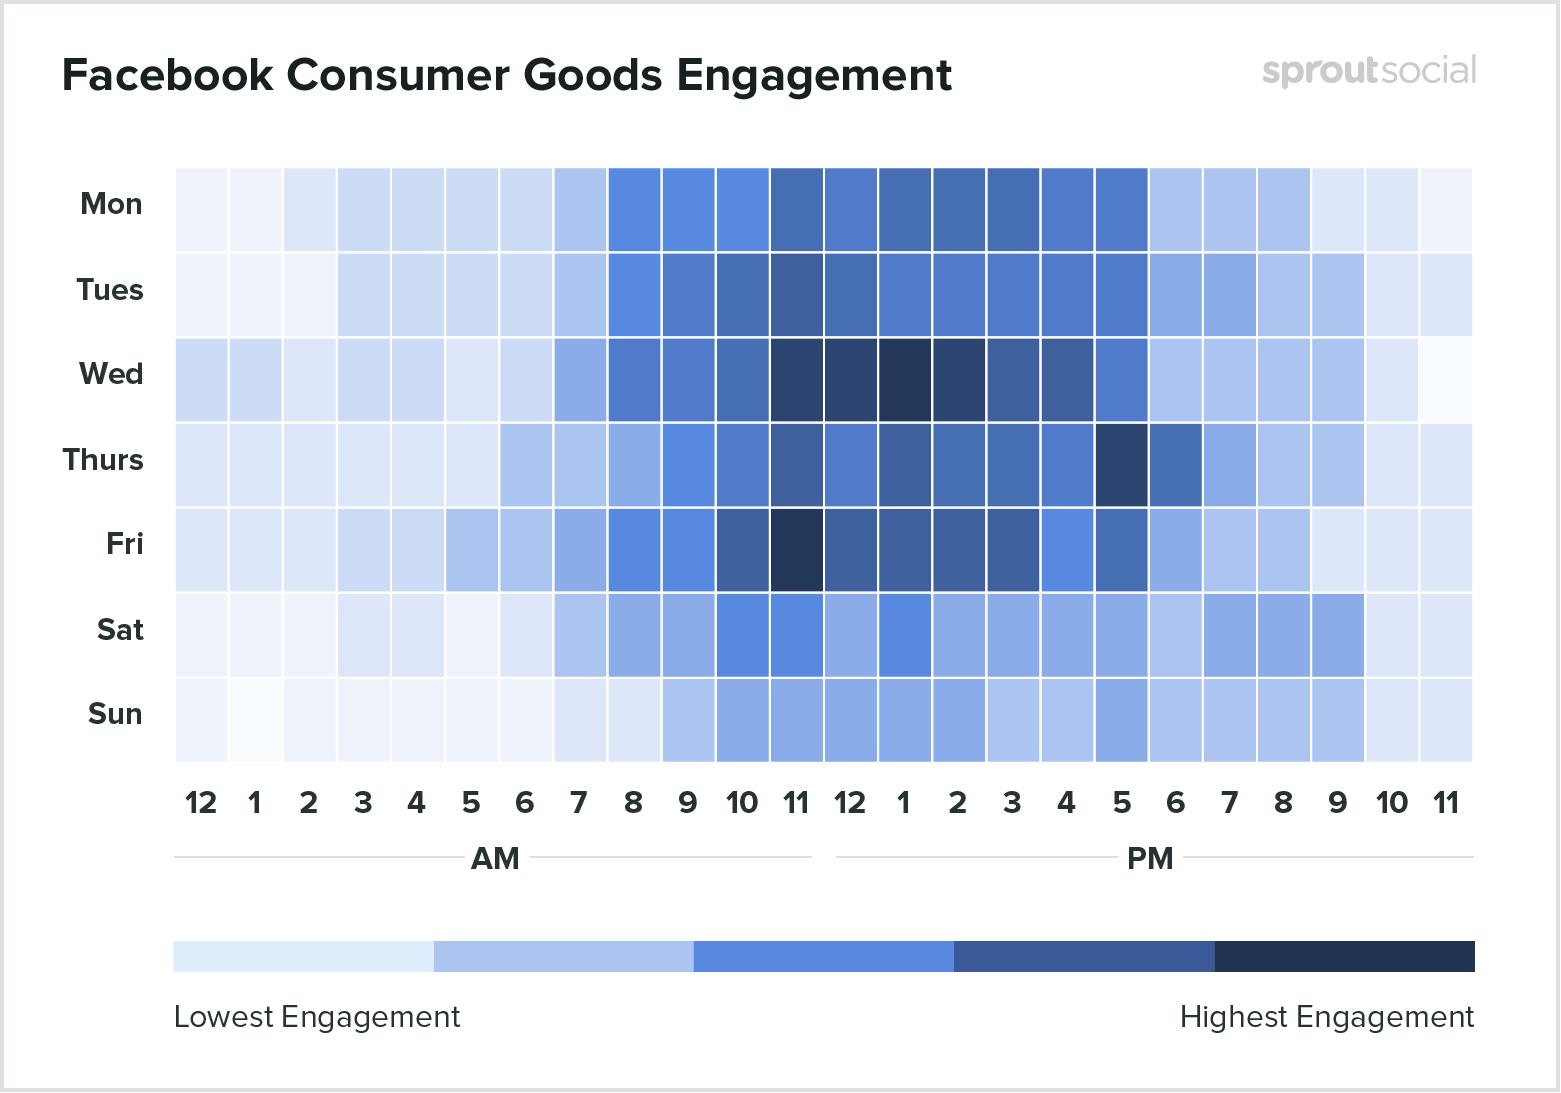 Лучшее время для публикации о товарах на Facebook - данные за 2020-й год